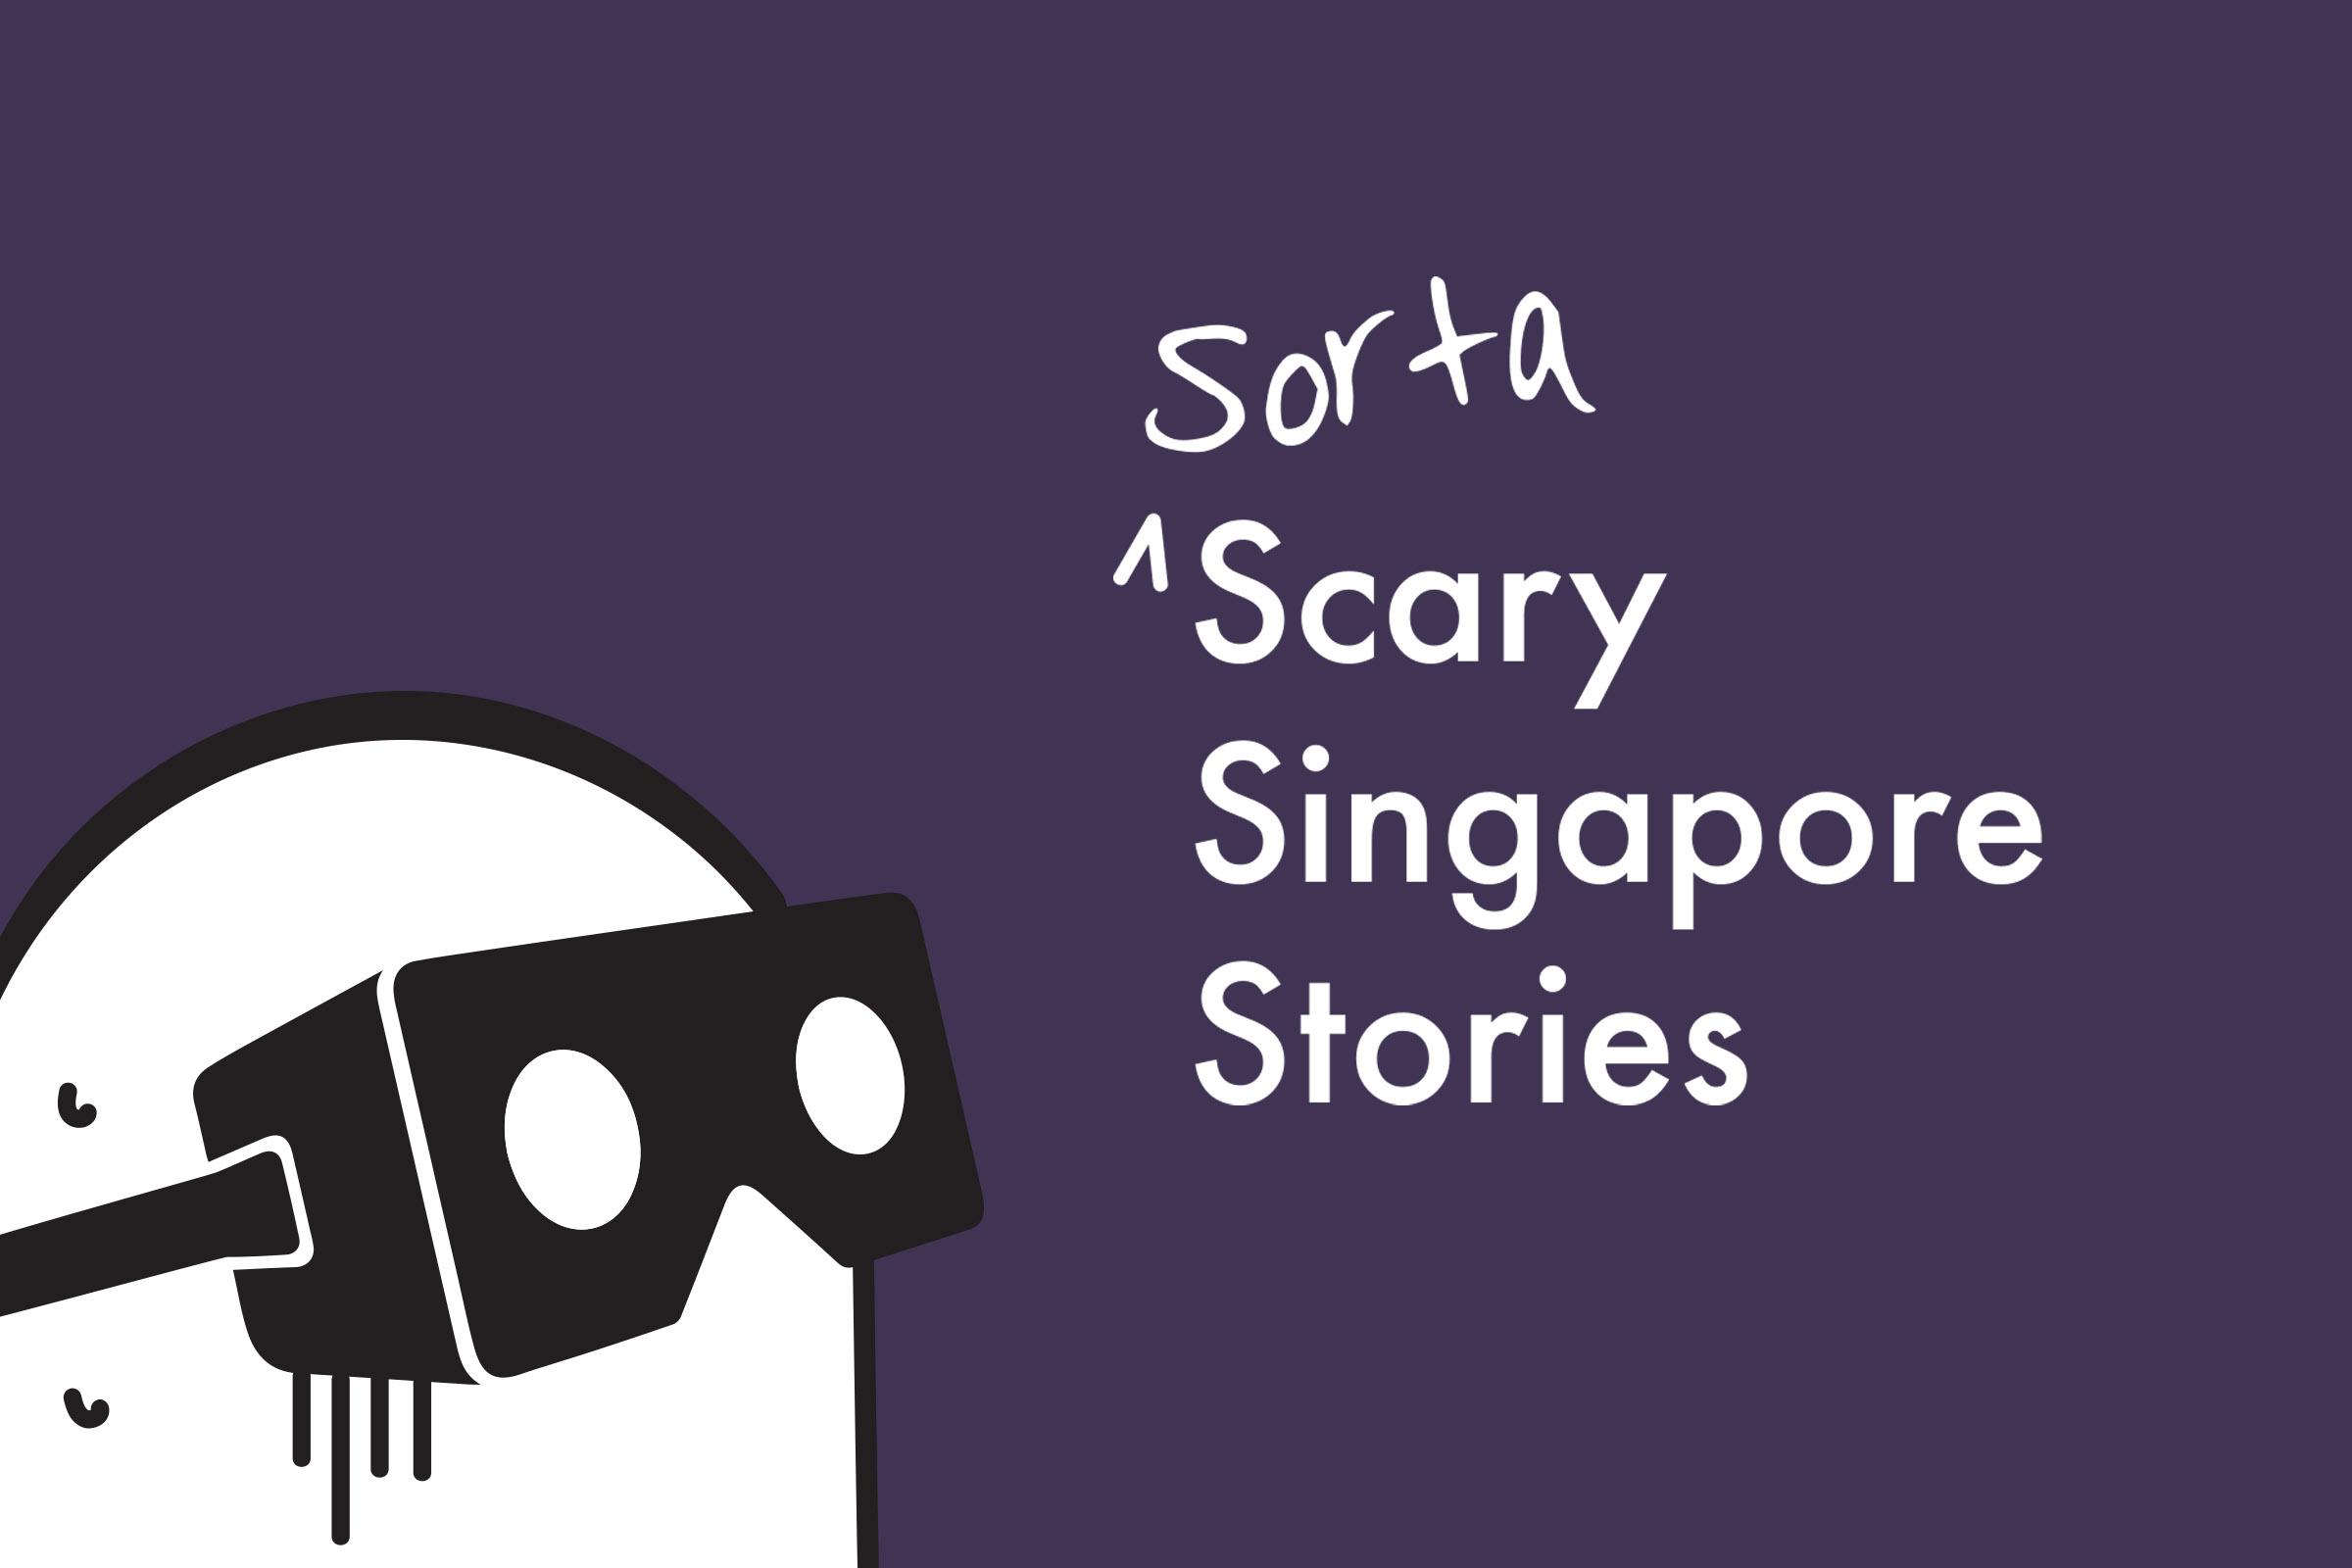 Tusitala 360º: Sorta Scary Singapore Stories